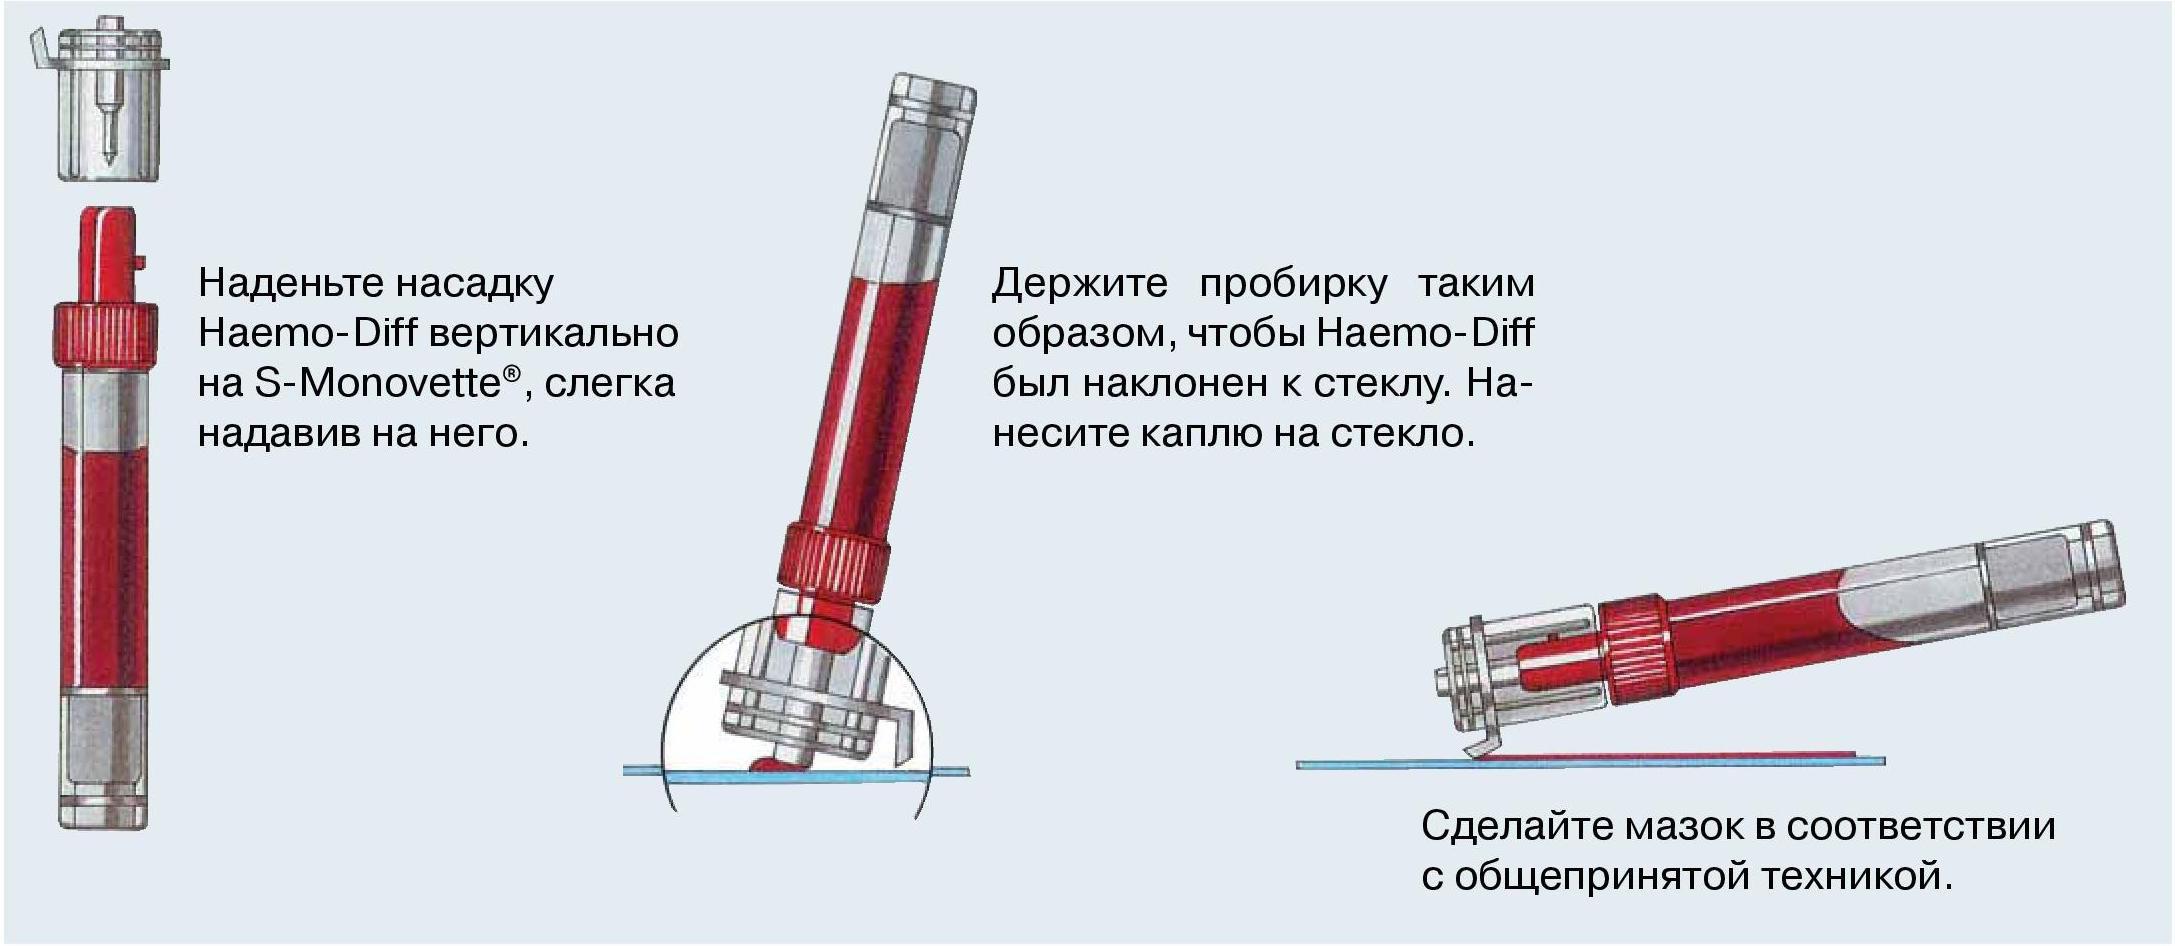 Haemo-Diff - это быстрое получение мазка и защита от инфицирования